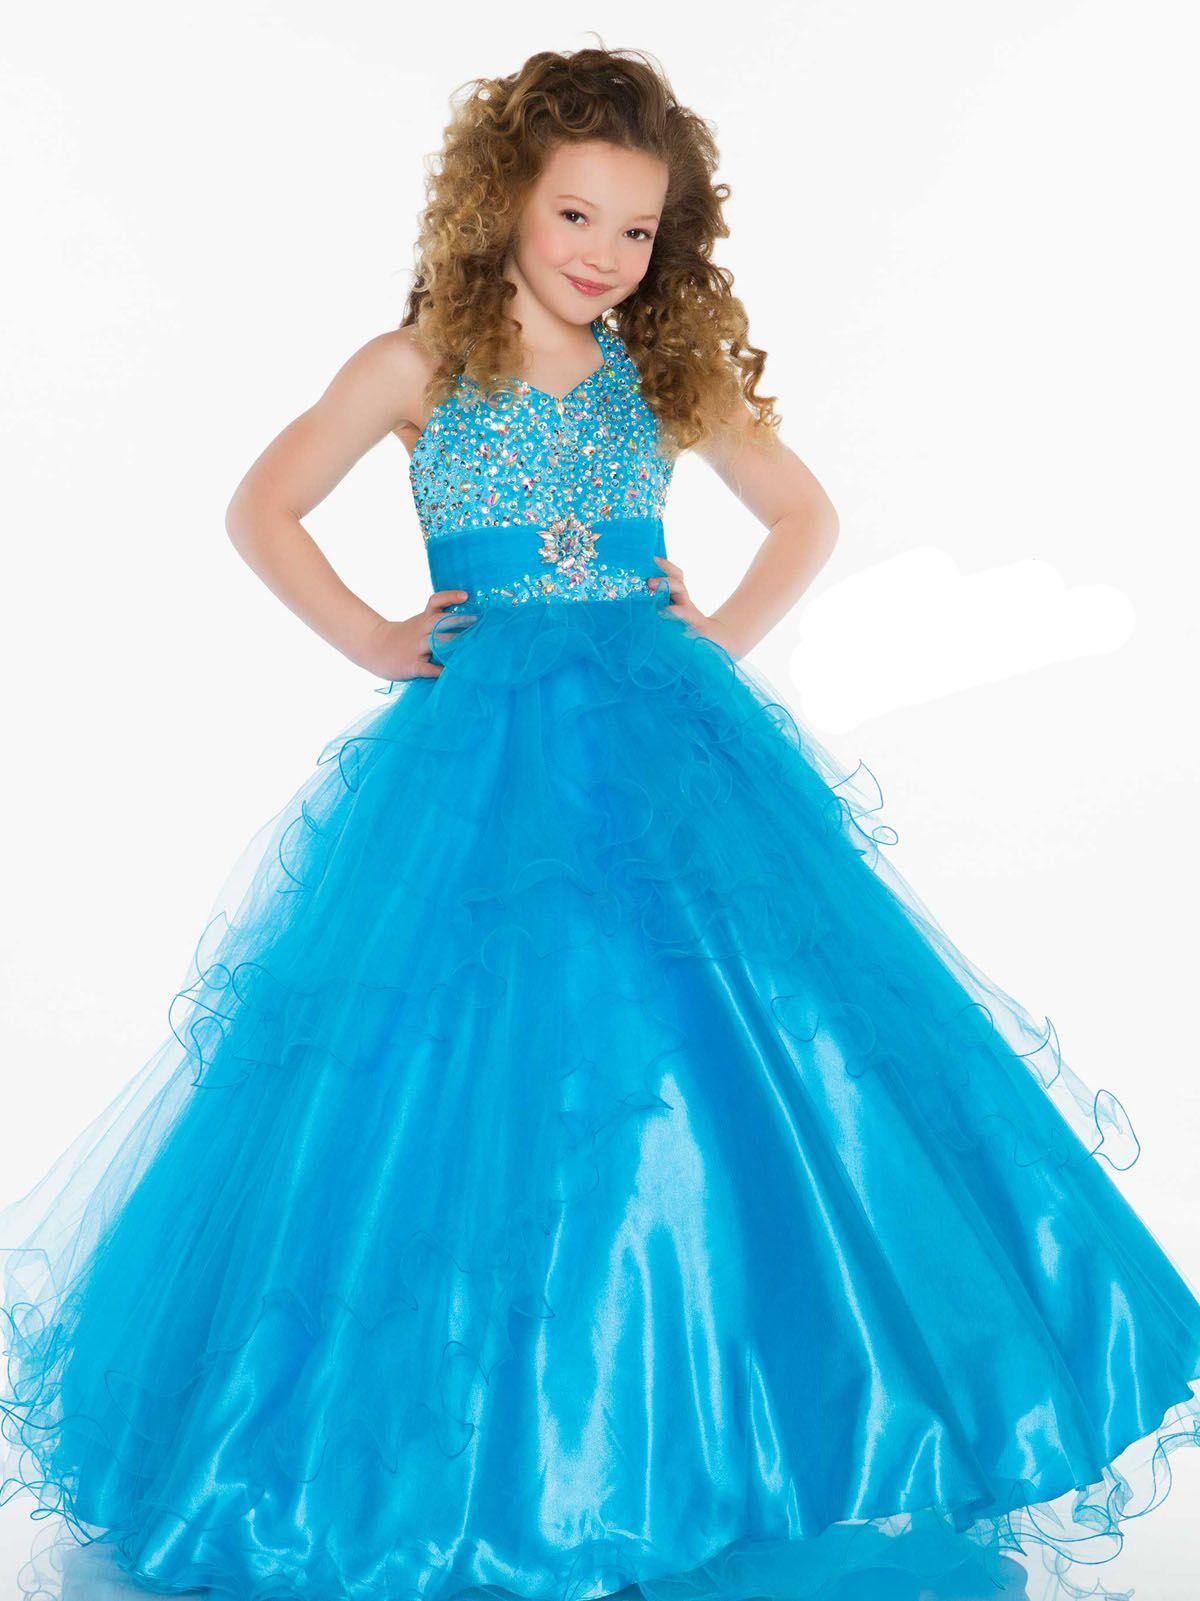 Pretty Pink Blue Tüll Halter Perlen Blumenmädchenkleider Prinzessin Pageant Kleider Mädchen Party Kleider Nach Maß 2-14 F525091